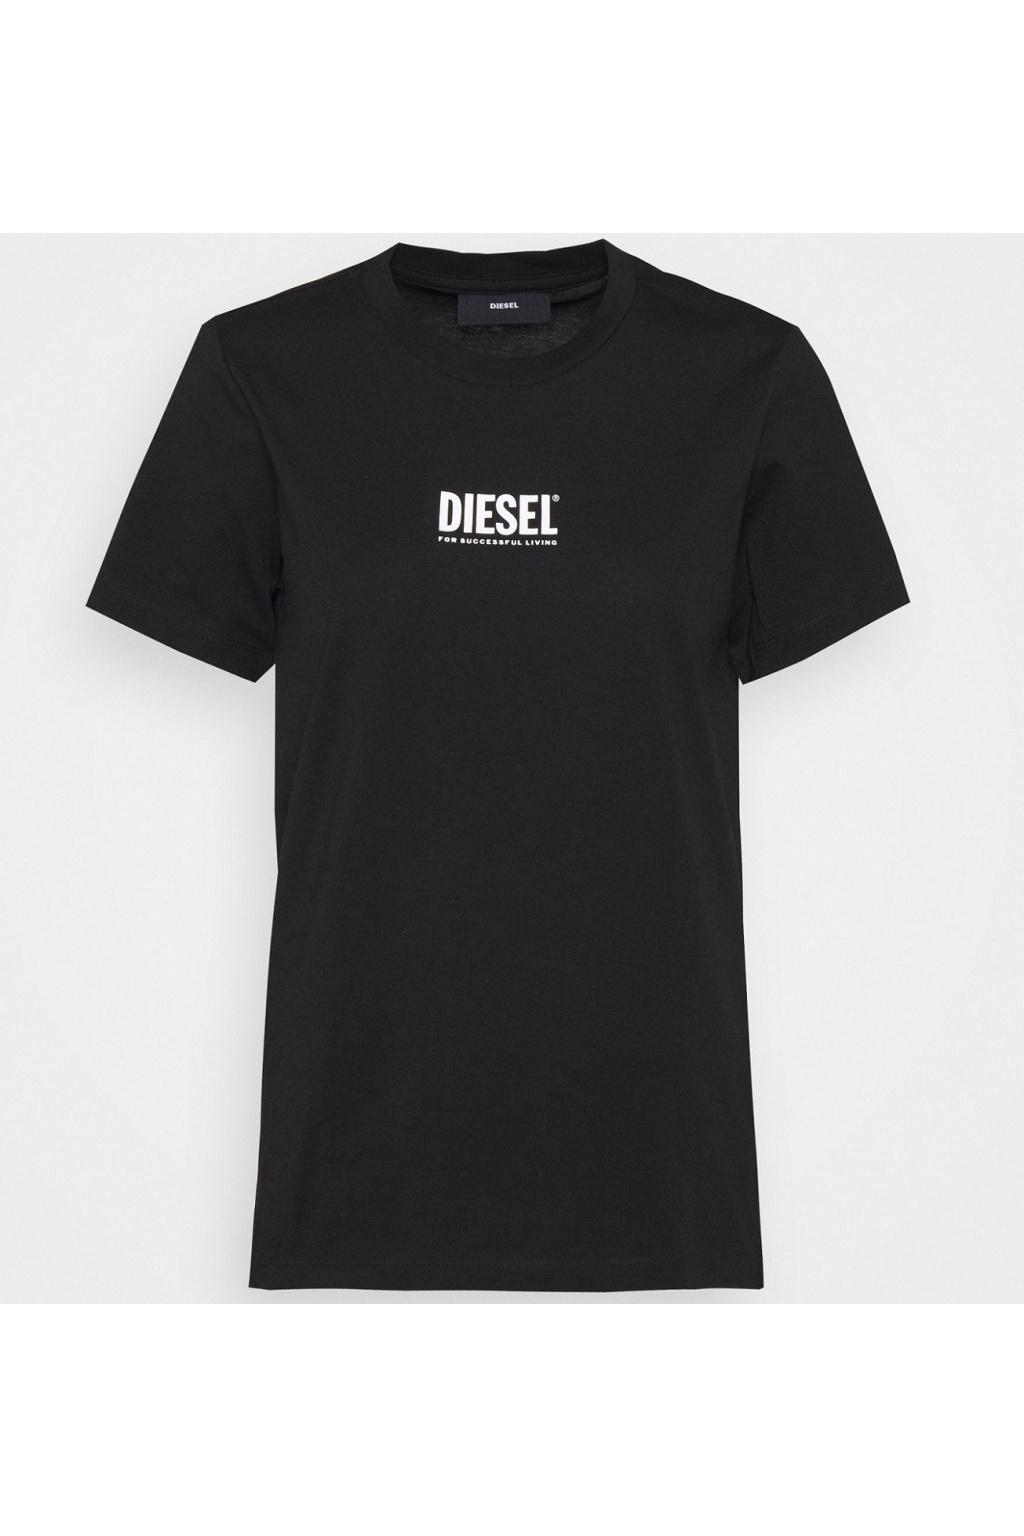 Dámské tričko Diesel T sily Ecosmallogo černé